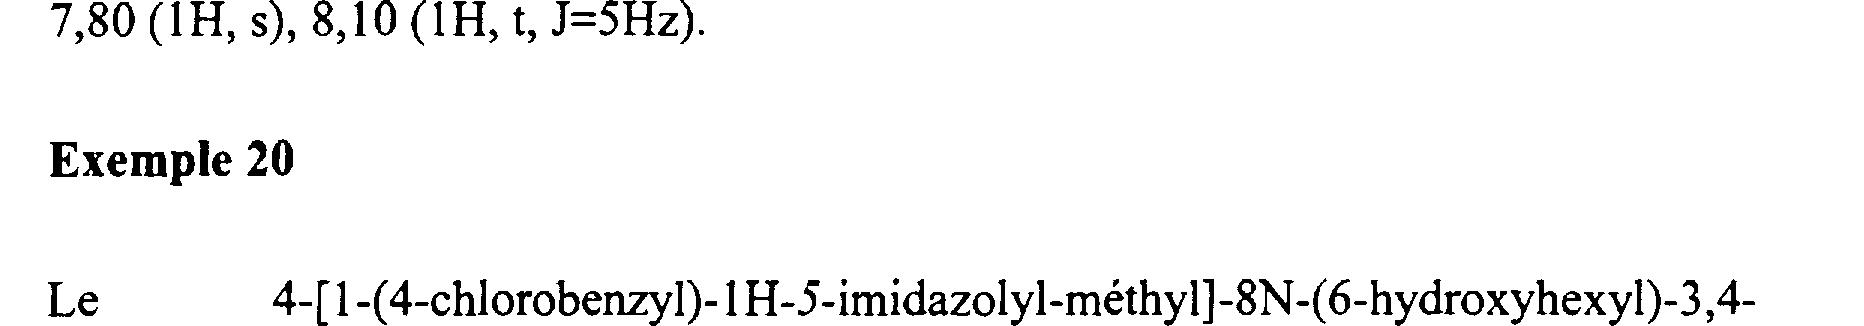 Figure img00720005